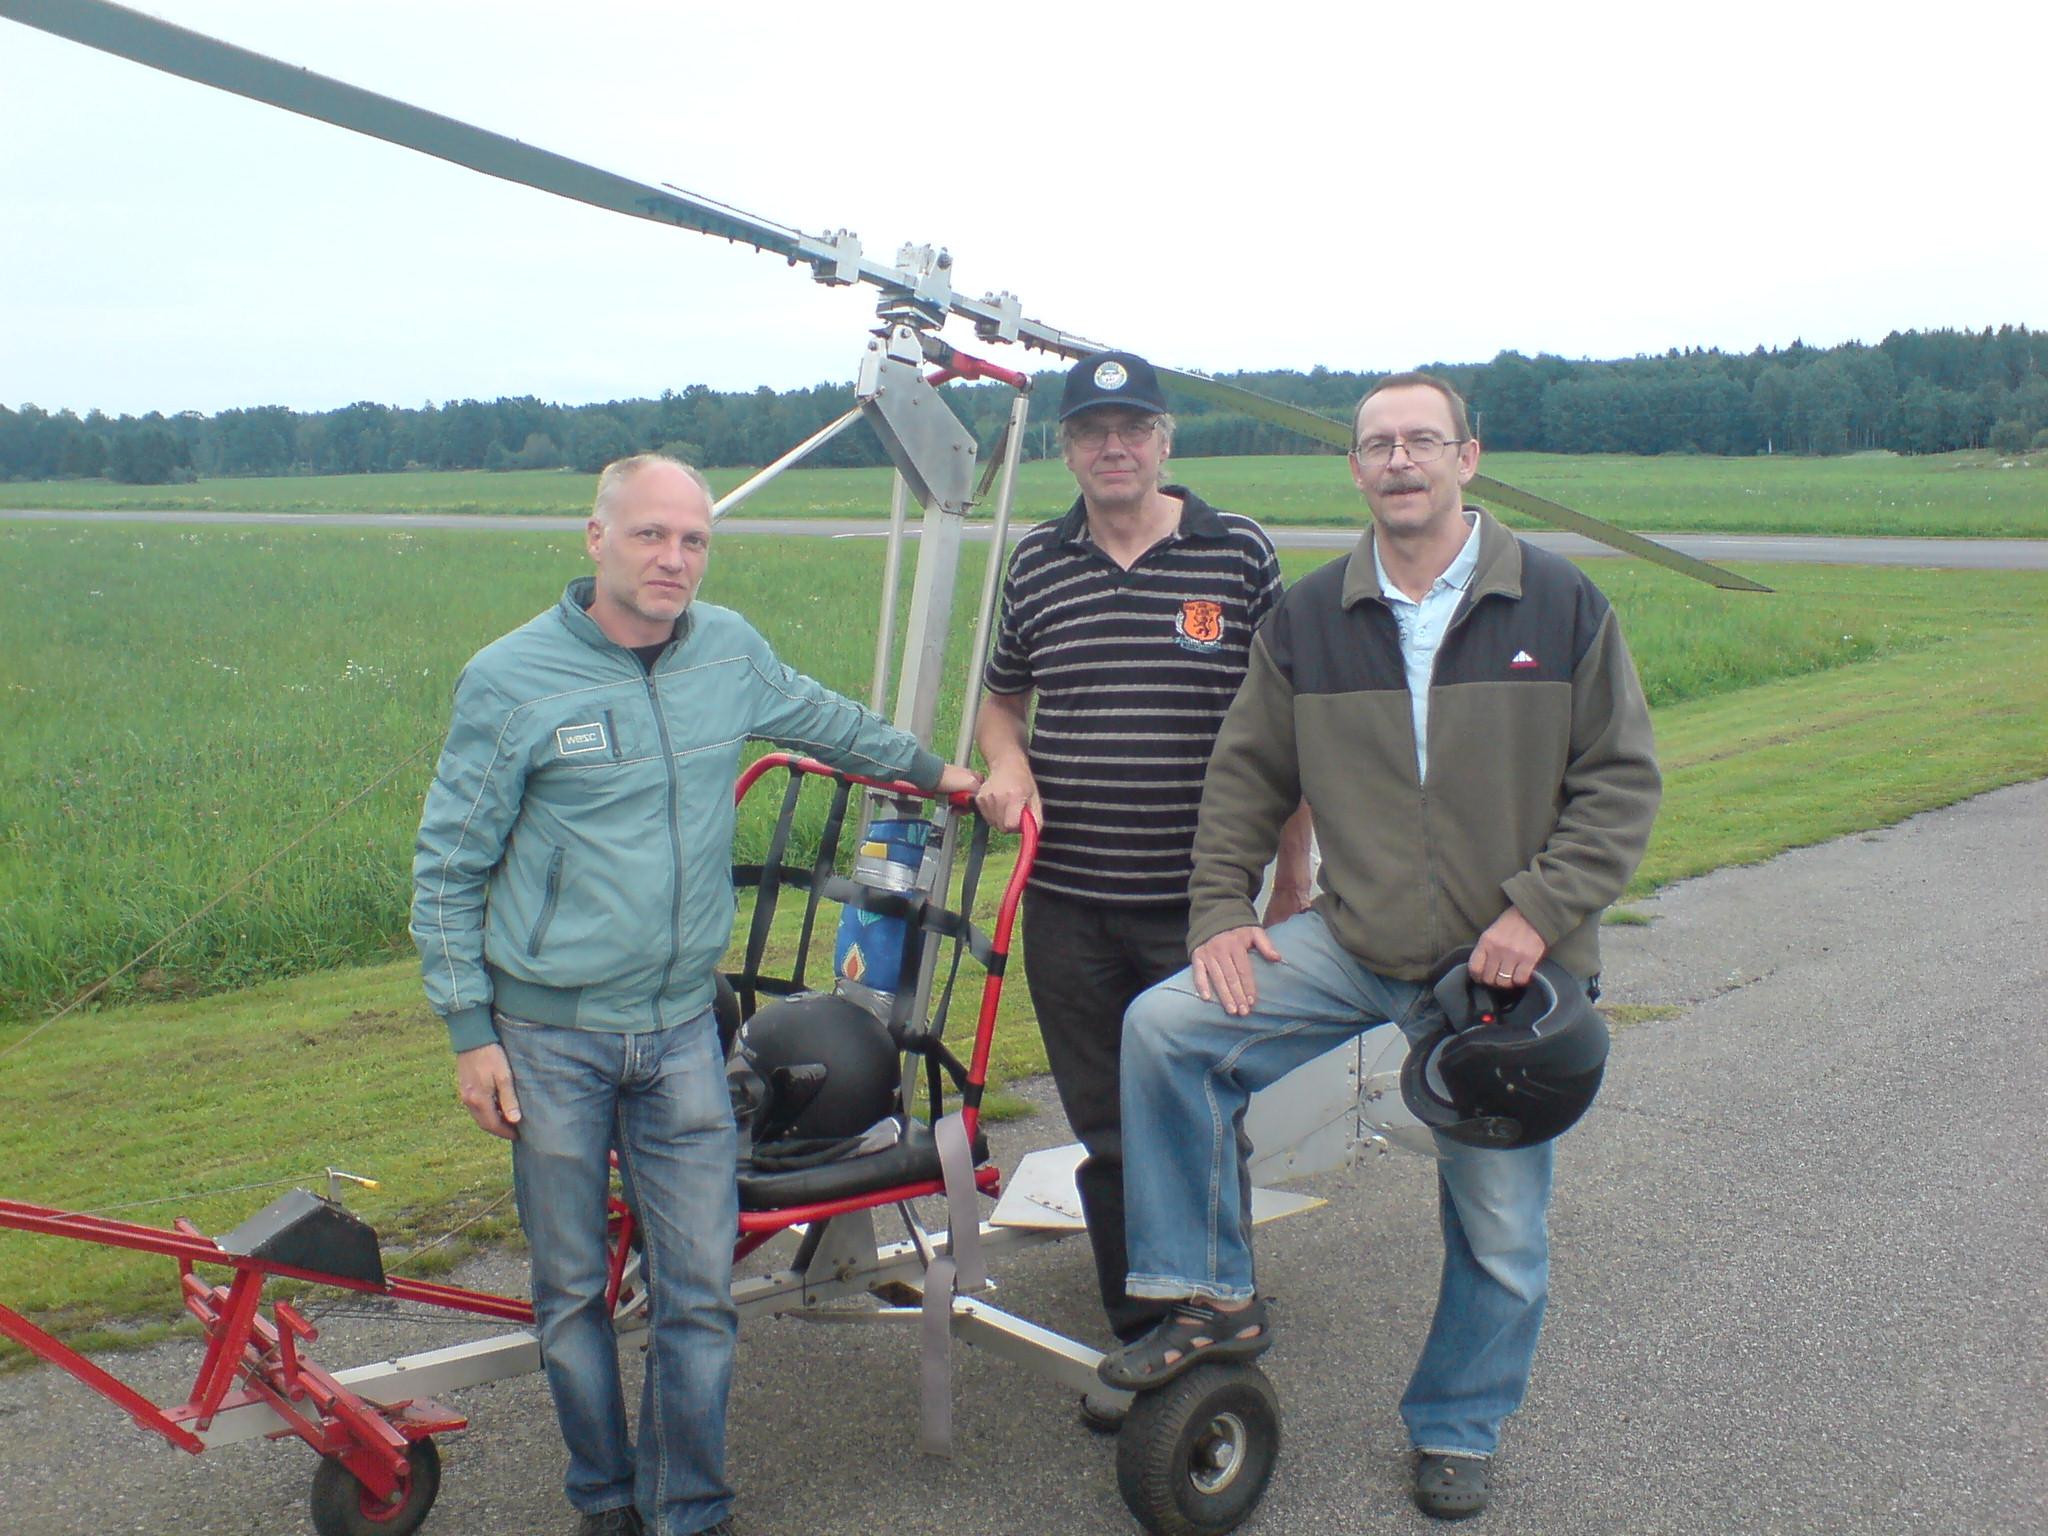 Rykande färska glider instruktörer